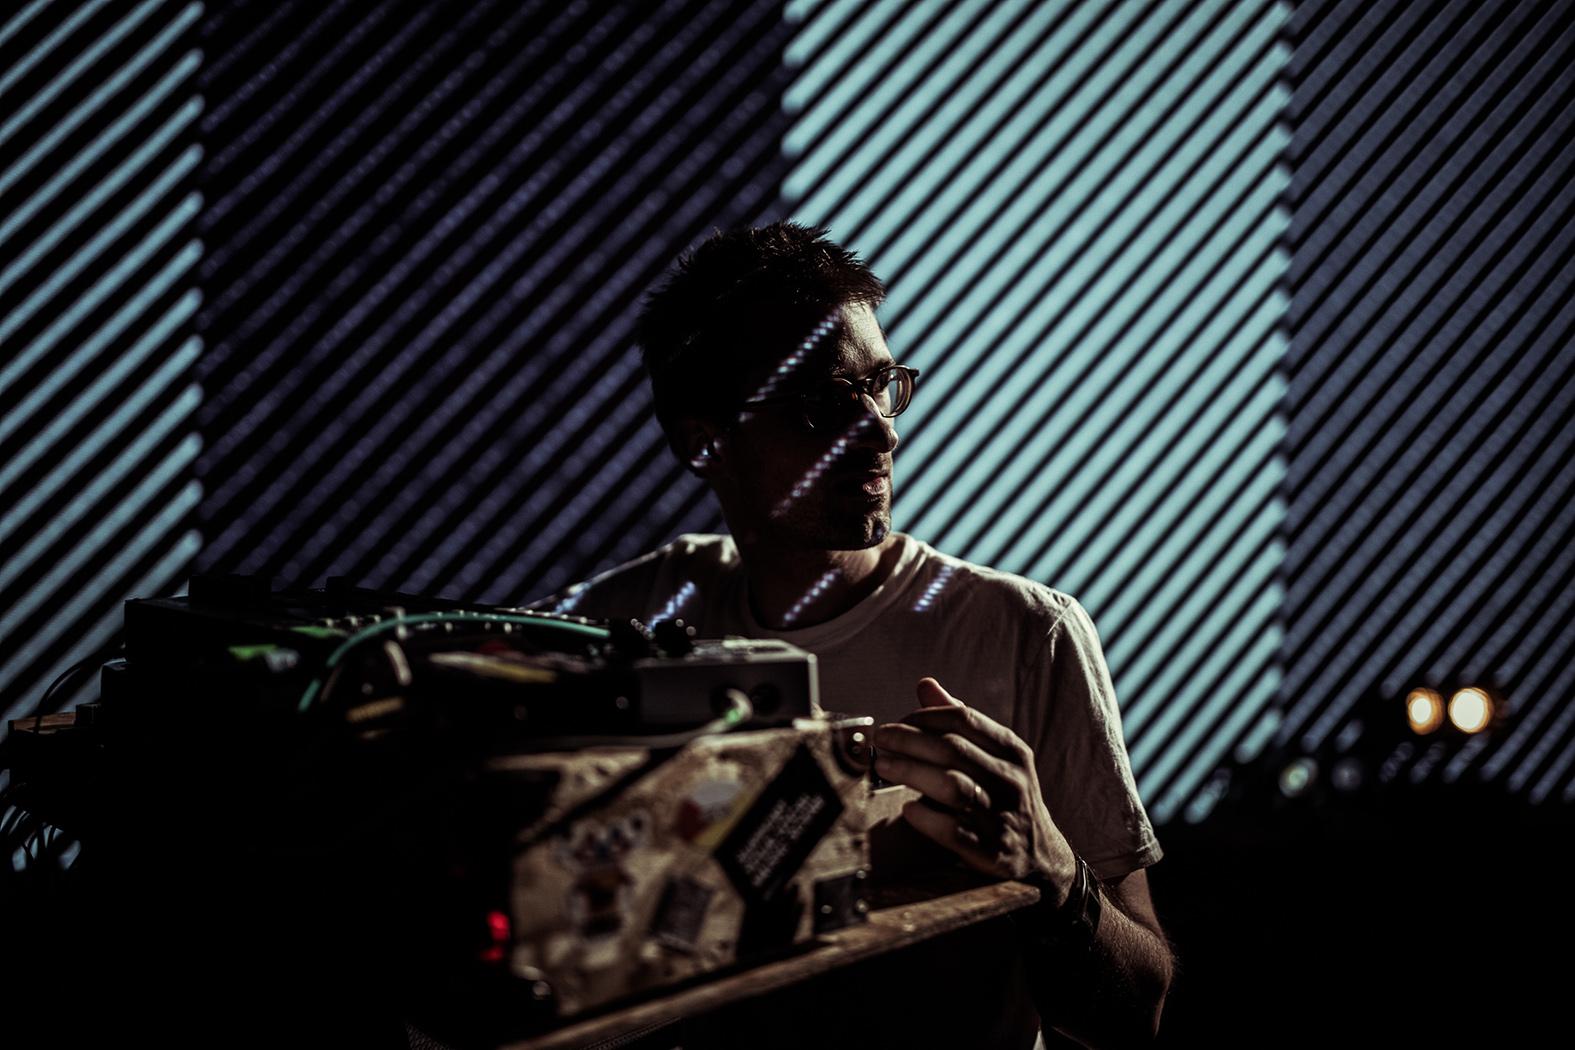 Djavanshir.n - rock portrait